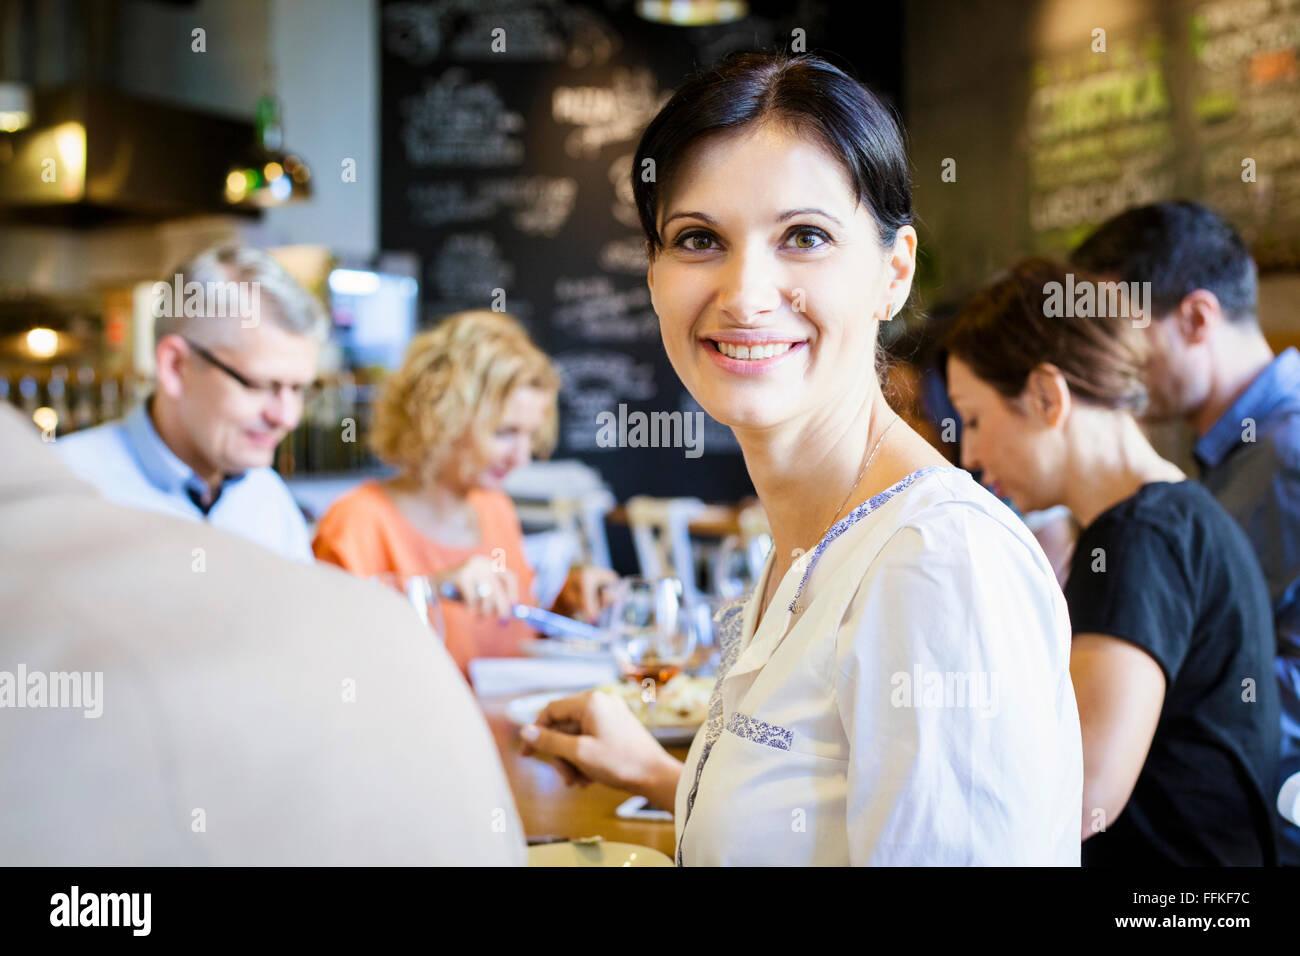 Grupo de Amigos celebrando en restaurante. Imagen De Stock